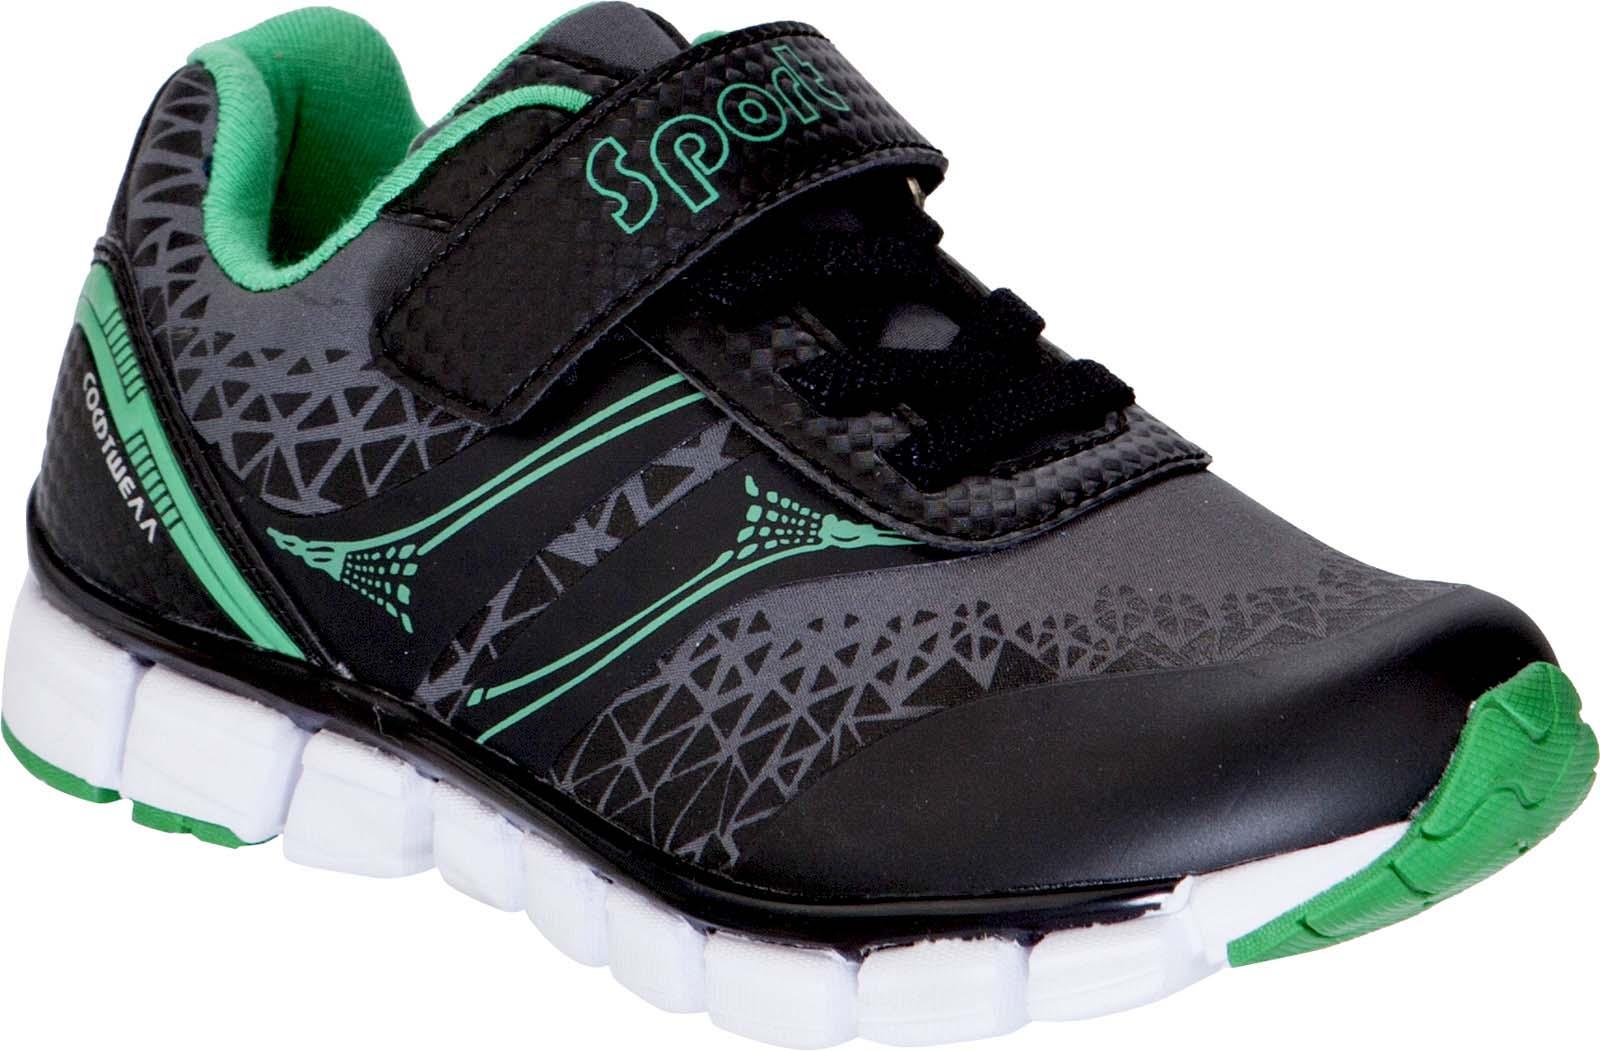 Кроссовки для мальчика Kapika, цвет: черный, зеленый. 73356. Размер 3173356Кроссовки от Kapika займут достойное место в гардеробе вашего ребенка! Модель изготовлена из текстиля и искусственной кожи. Классическая шнуровка и хлястик на липучке, обеспечивают надежную фиксацию обуви на ноге. Внутренняя поверхность из текстиля, обеспечивает комфорт и предотвращает натирание. Стелька из кожи и текстиля сохраняет комфортный микроклимат в обуви. Рифленая поверхность подошвы защищает изделие от скольжения. Стильные и в то же время удобные кроссовки - необходимая вещь в гардеробе каждого ребенка.